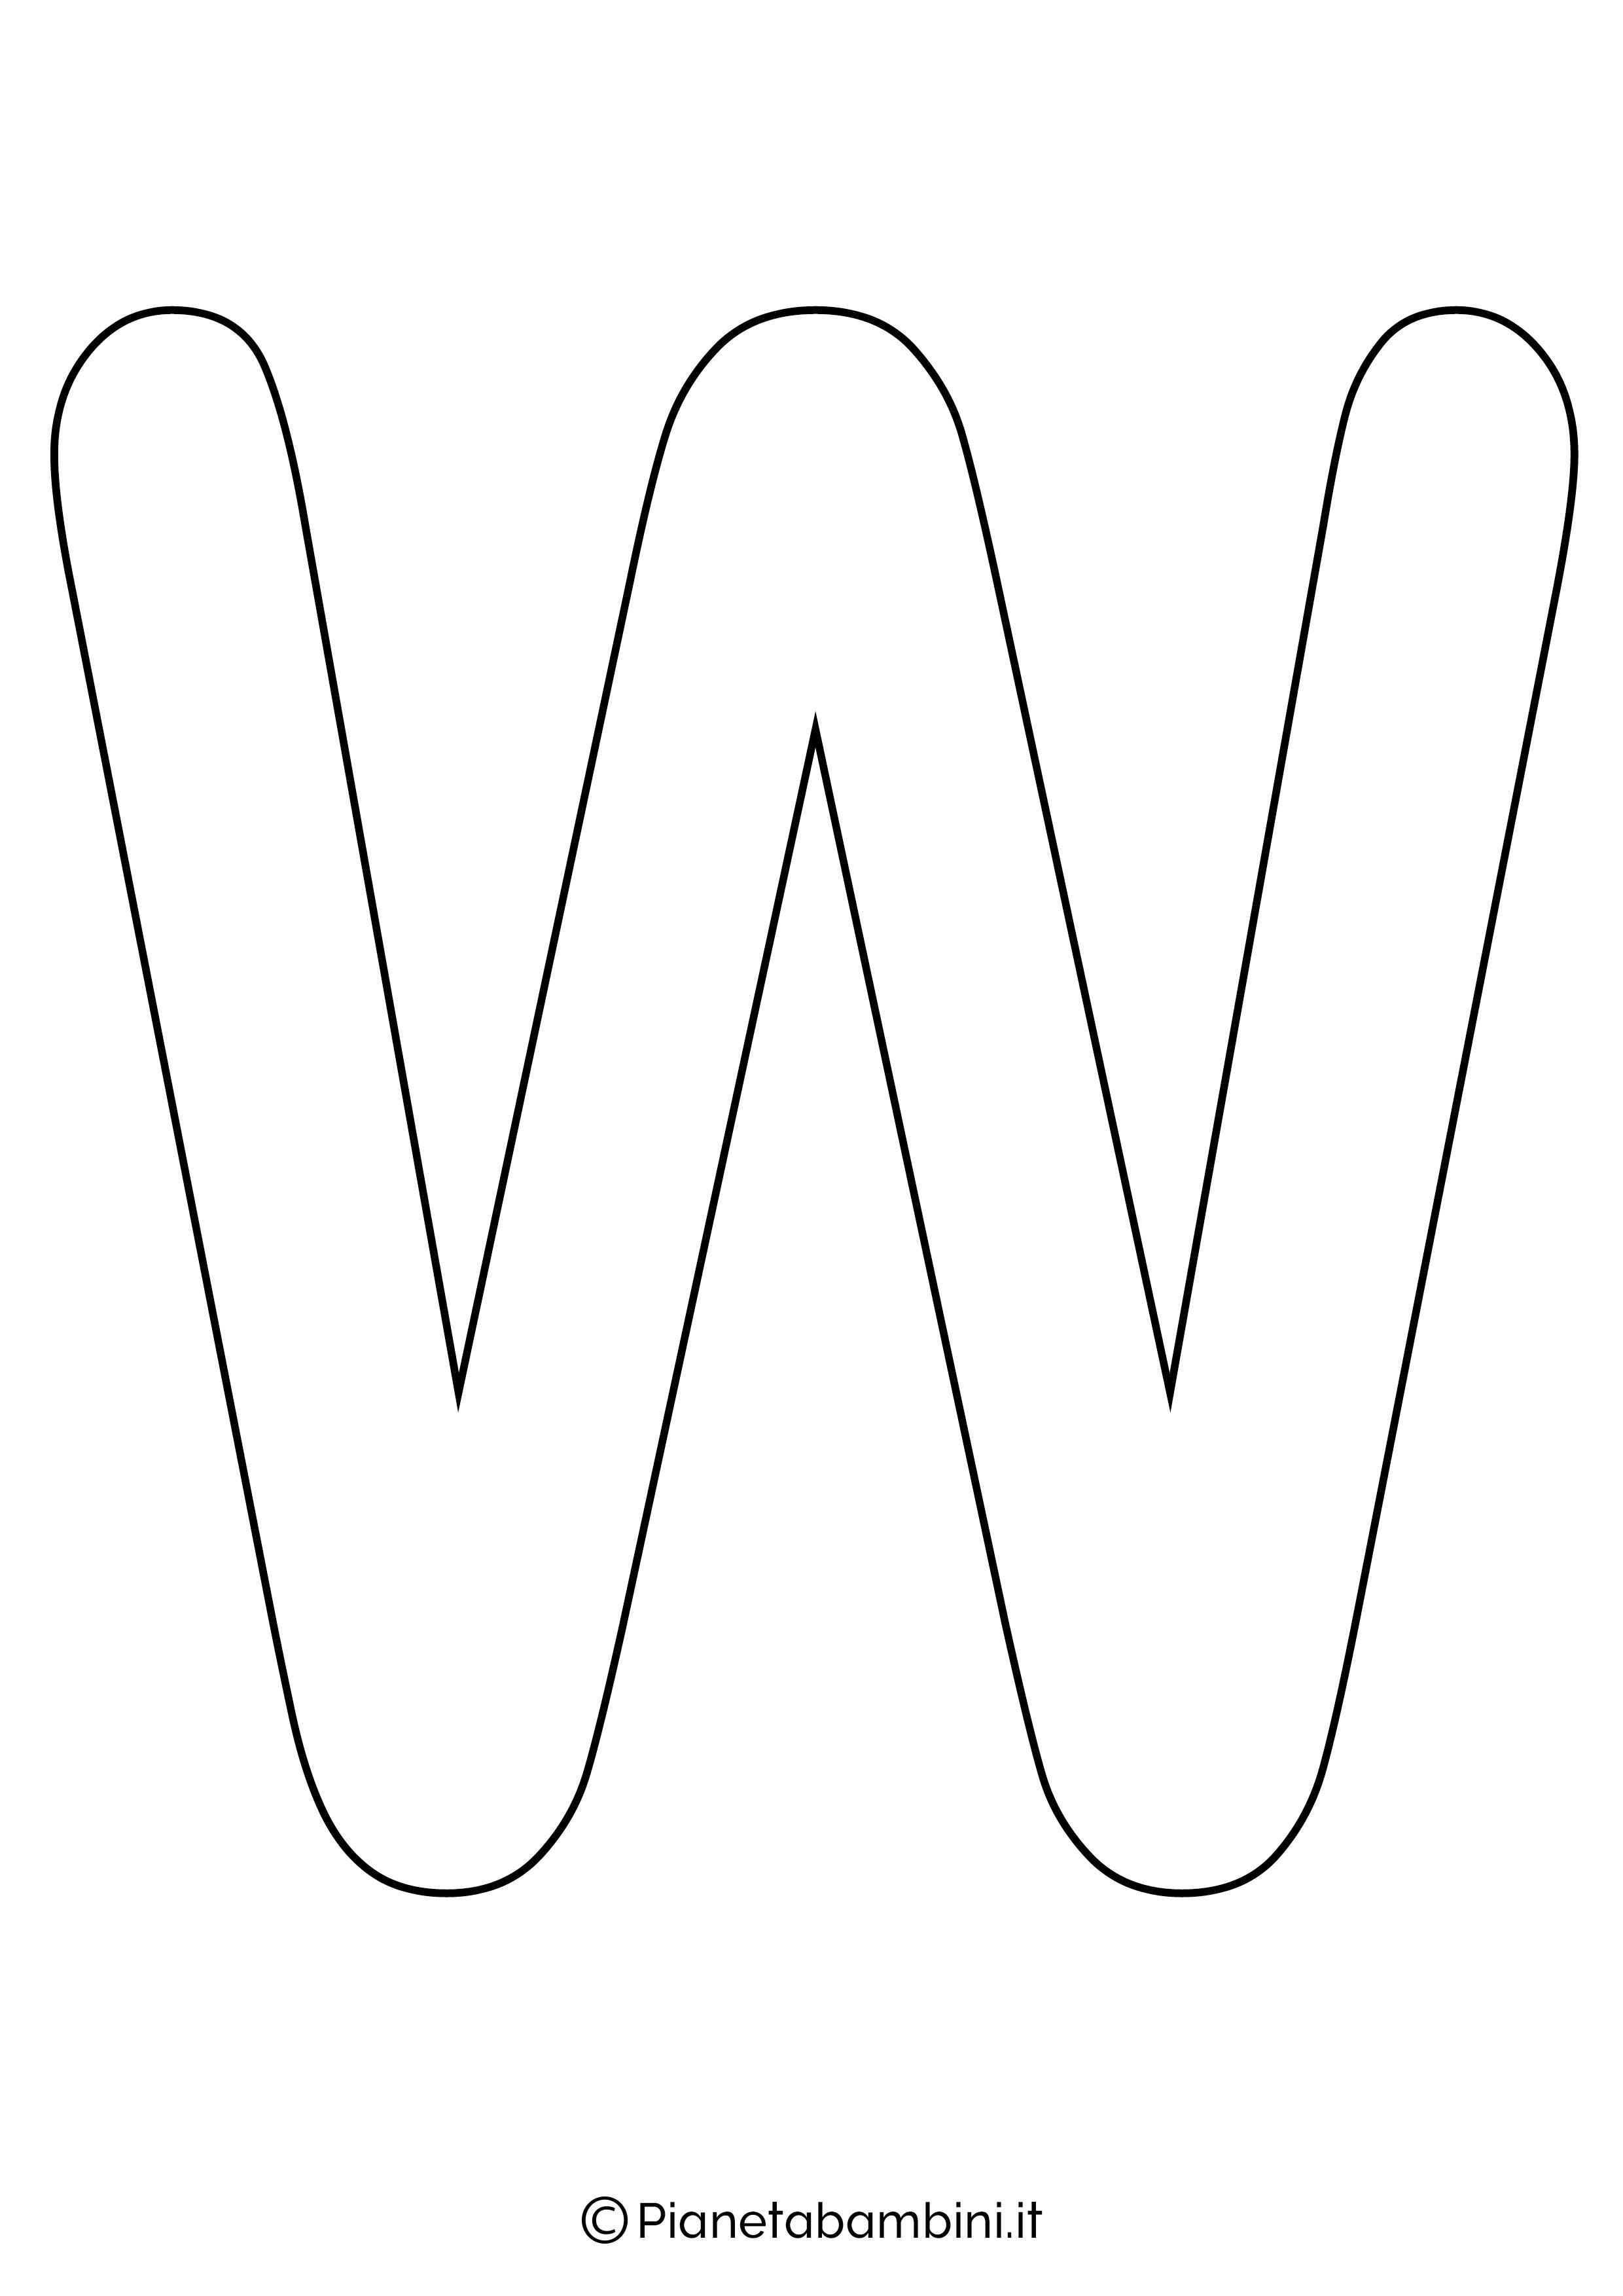 Lettera W maiuscola da stampare